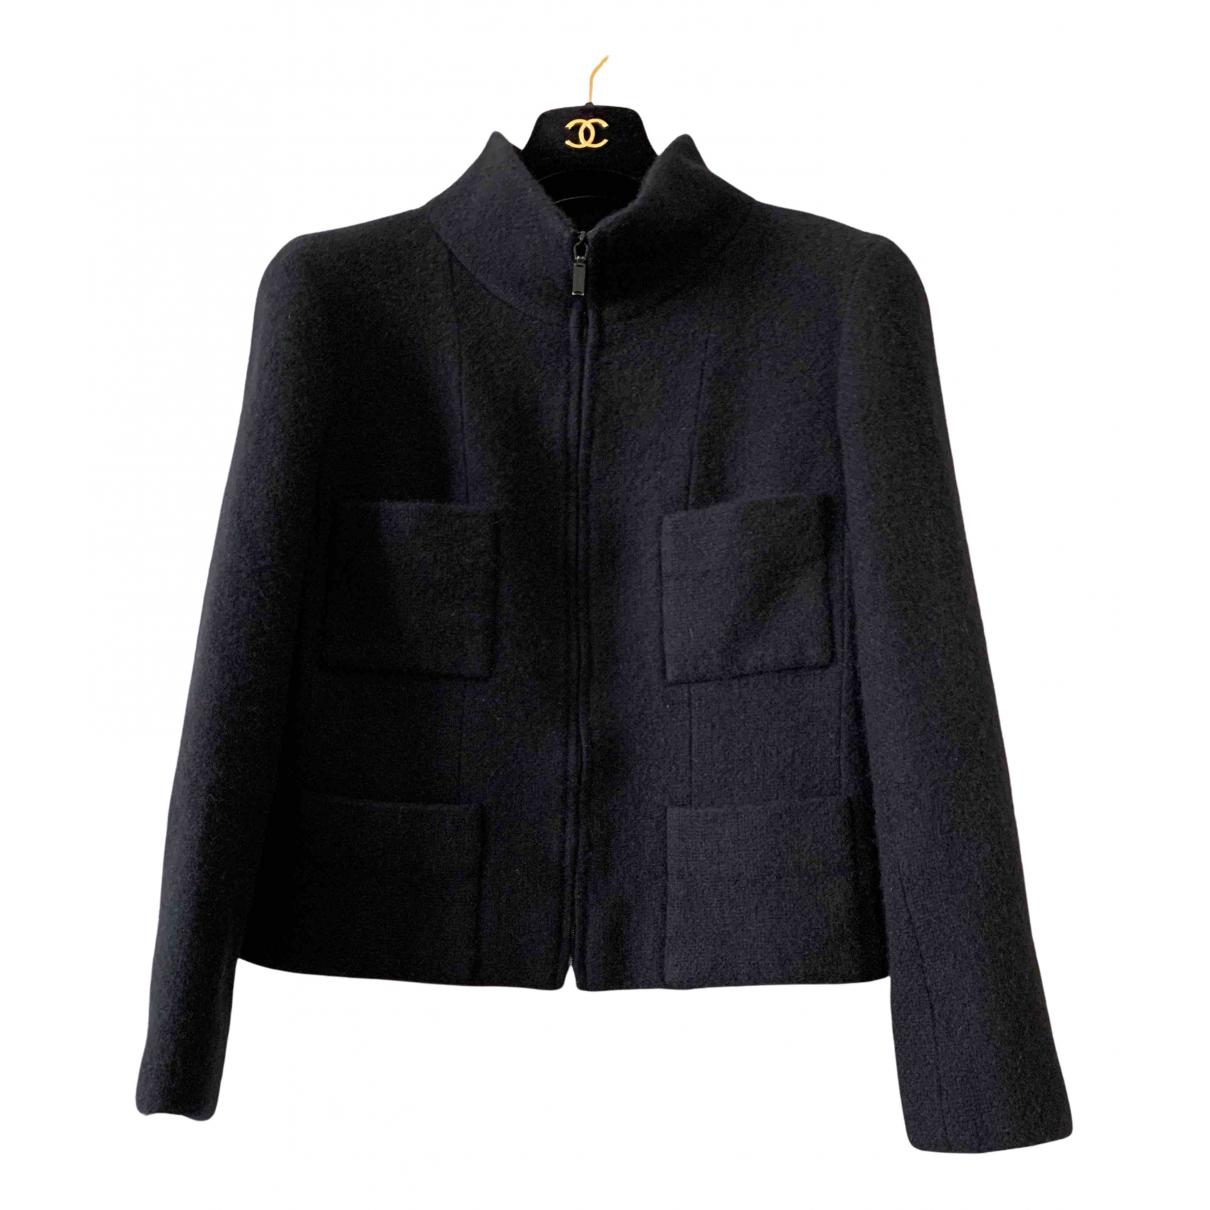 Chanel \N Black Cashmere jacket for Women 42 FR